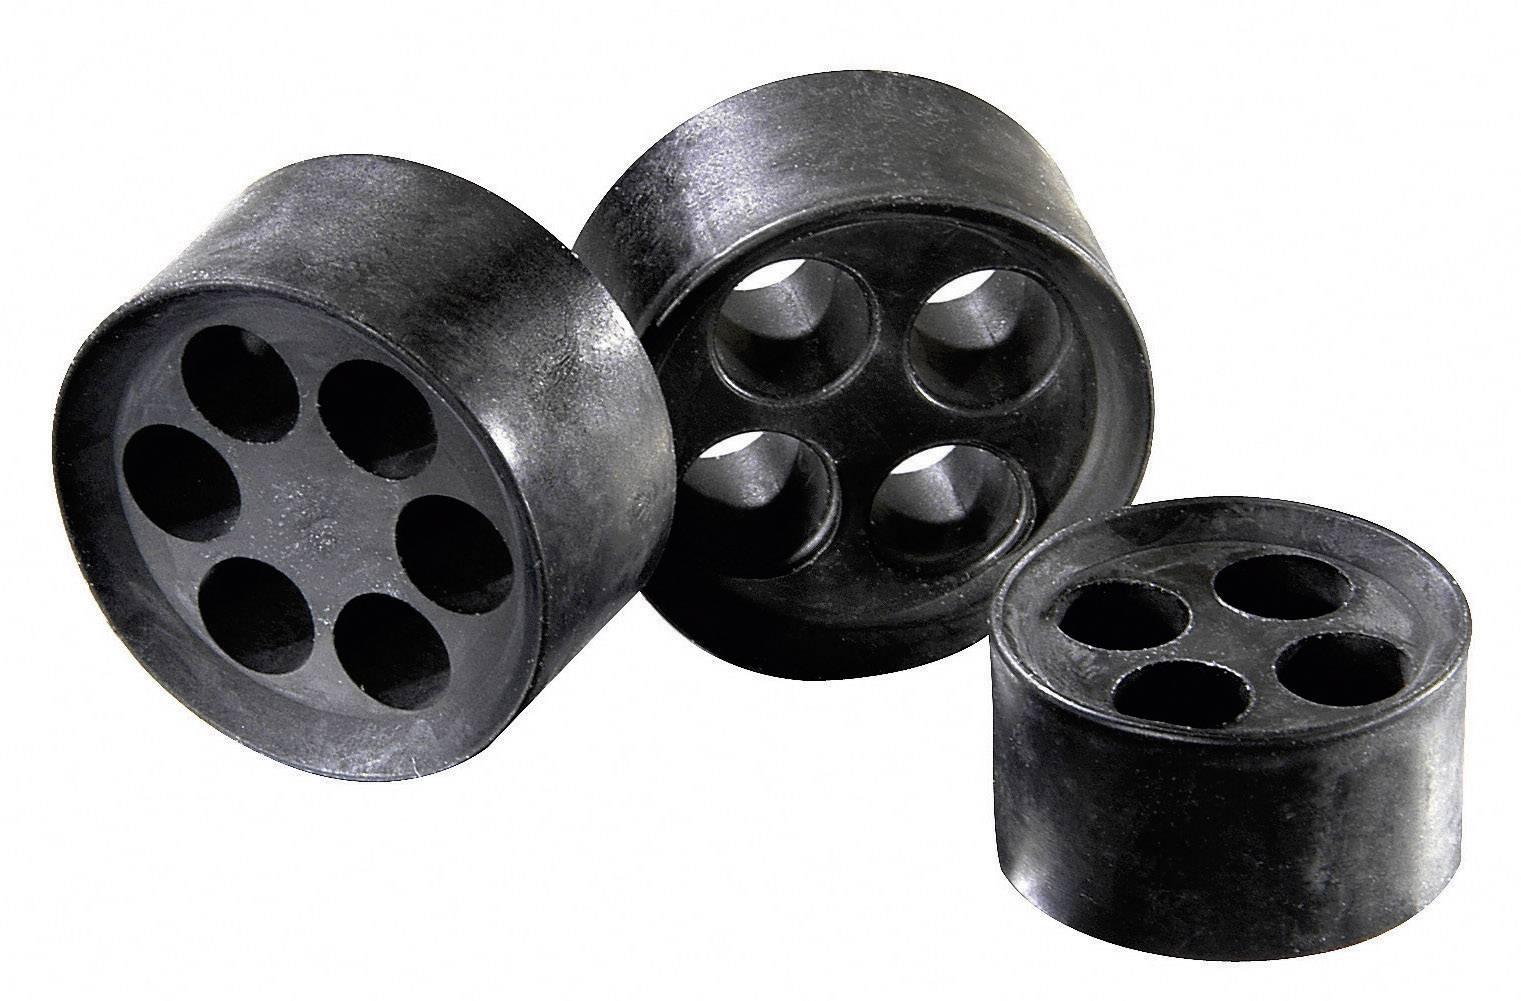 Těsnicí vložka M20 Wiska MFD 20/02/050 (10101015), IP66, M20, elastomer, černá